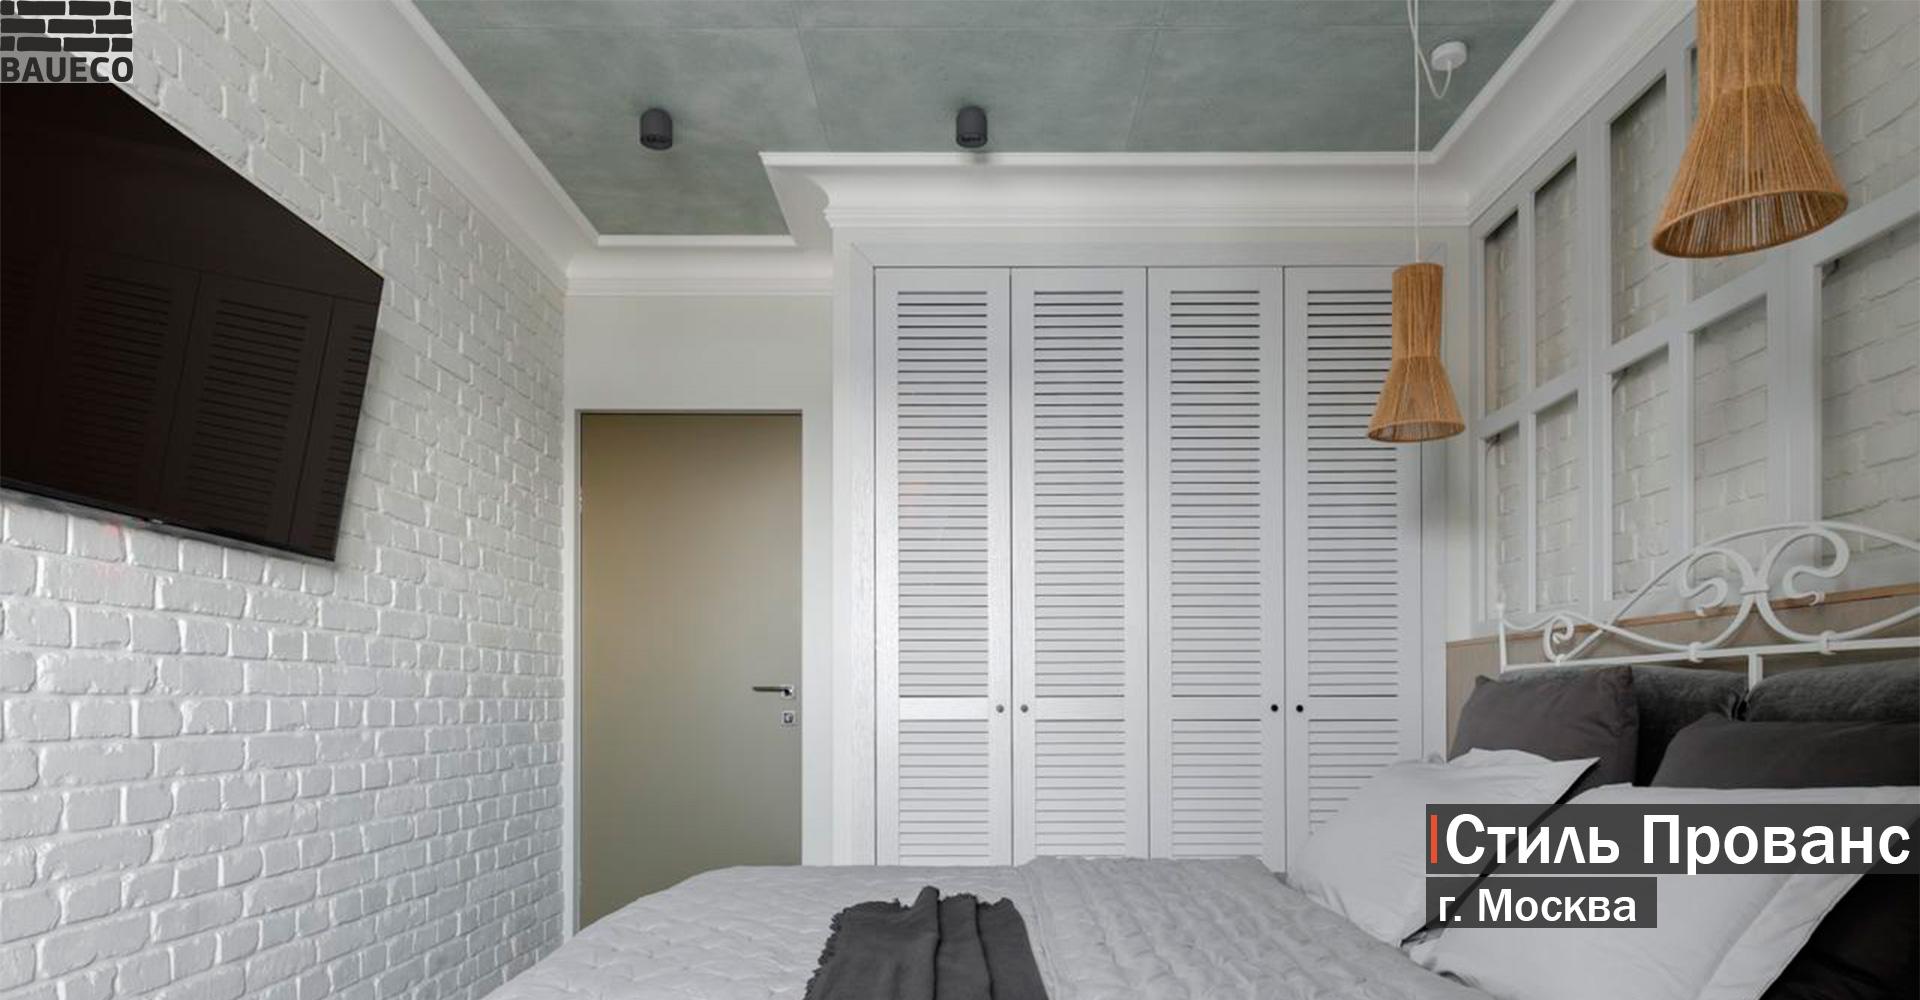 Плитка под кирпич в интерьере спальни